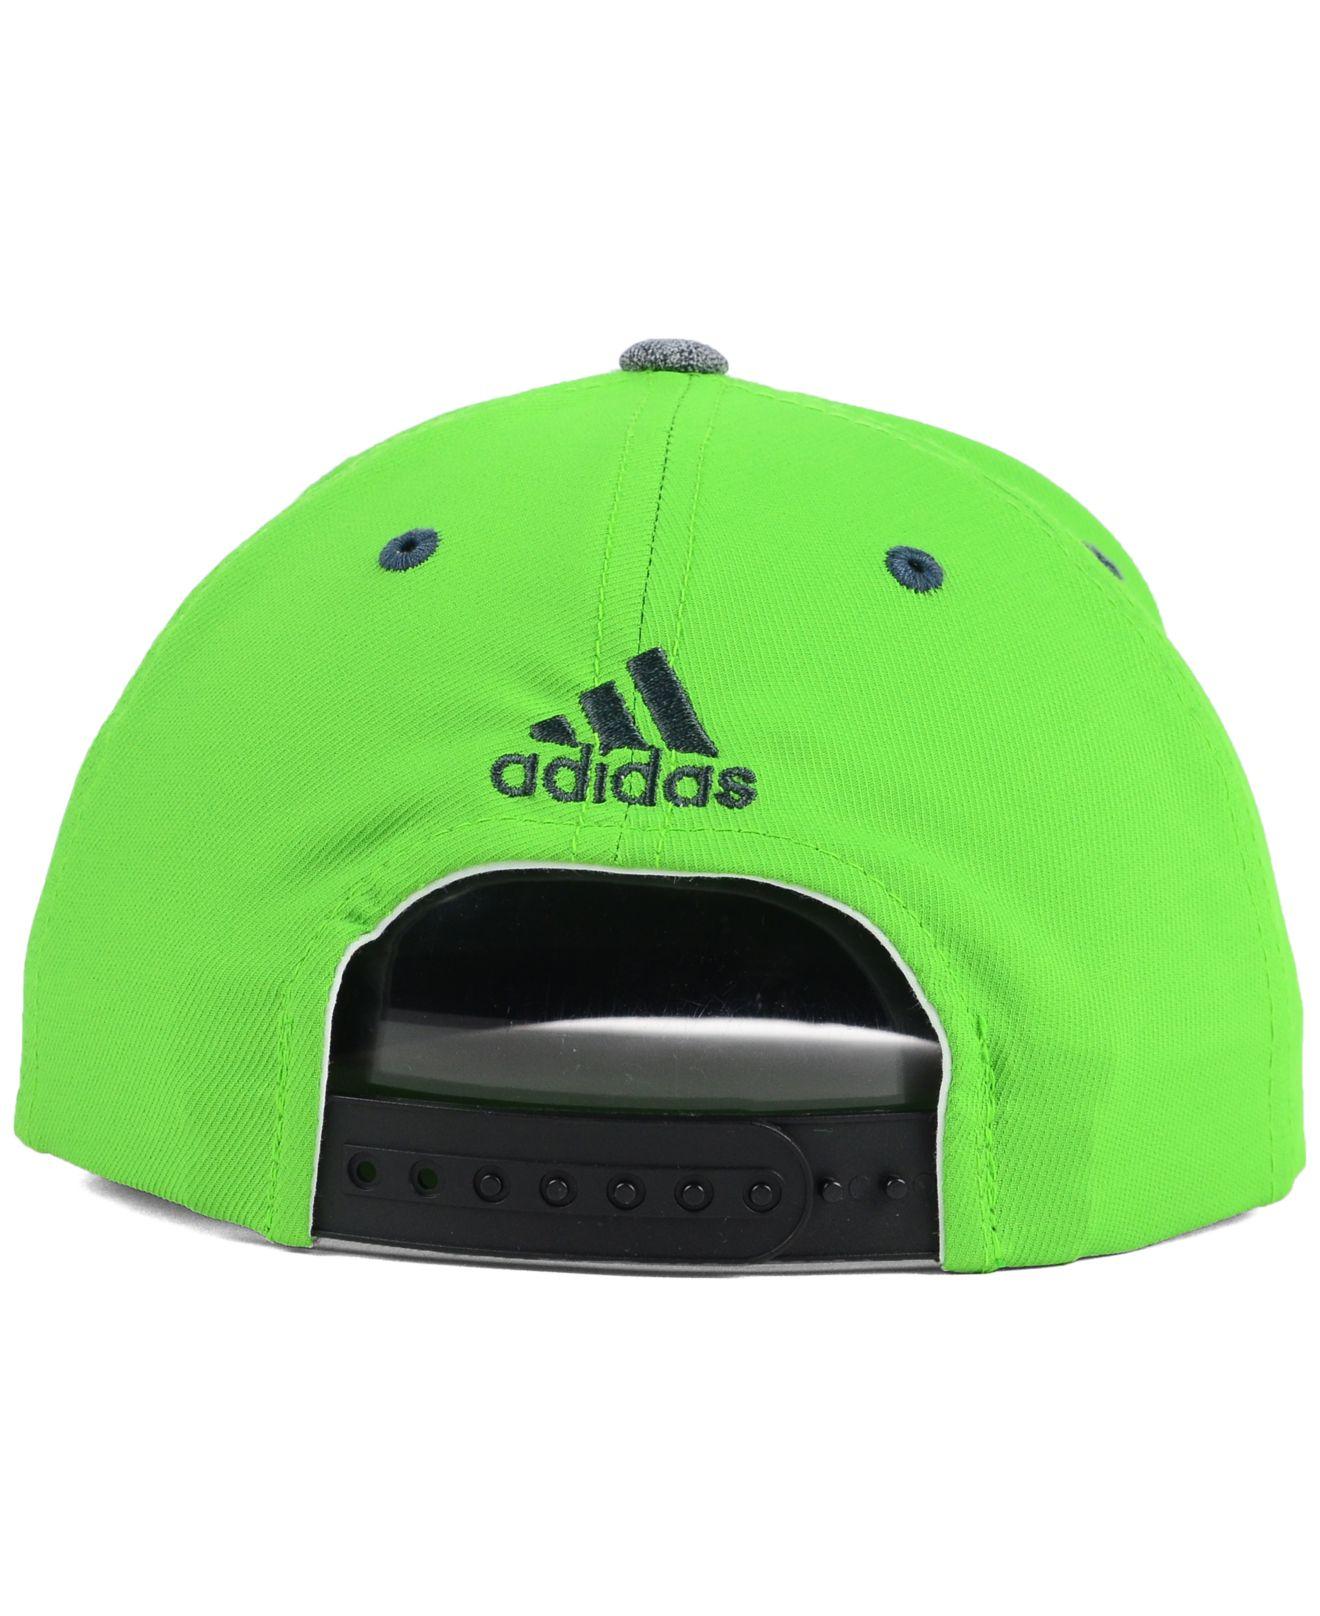 Adidas Cap Neon